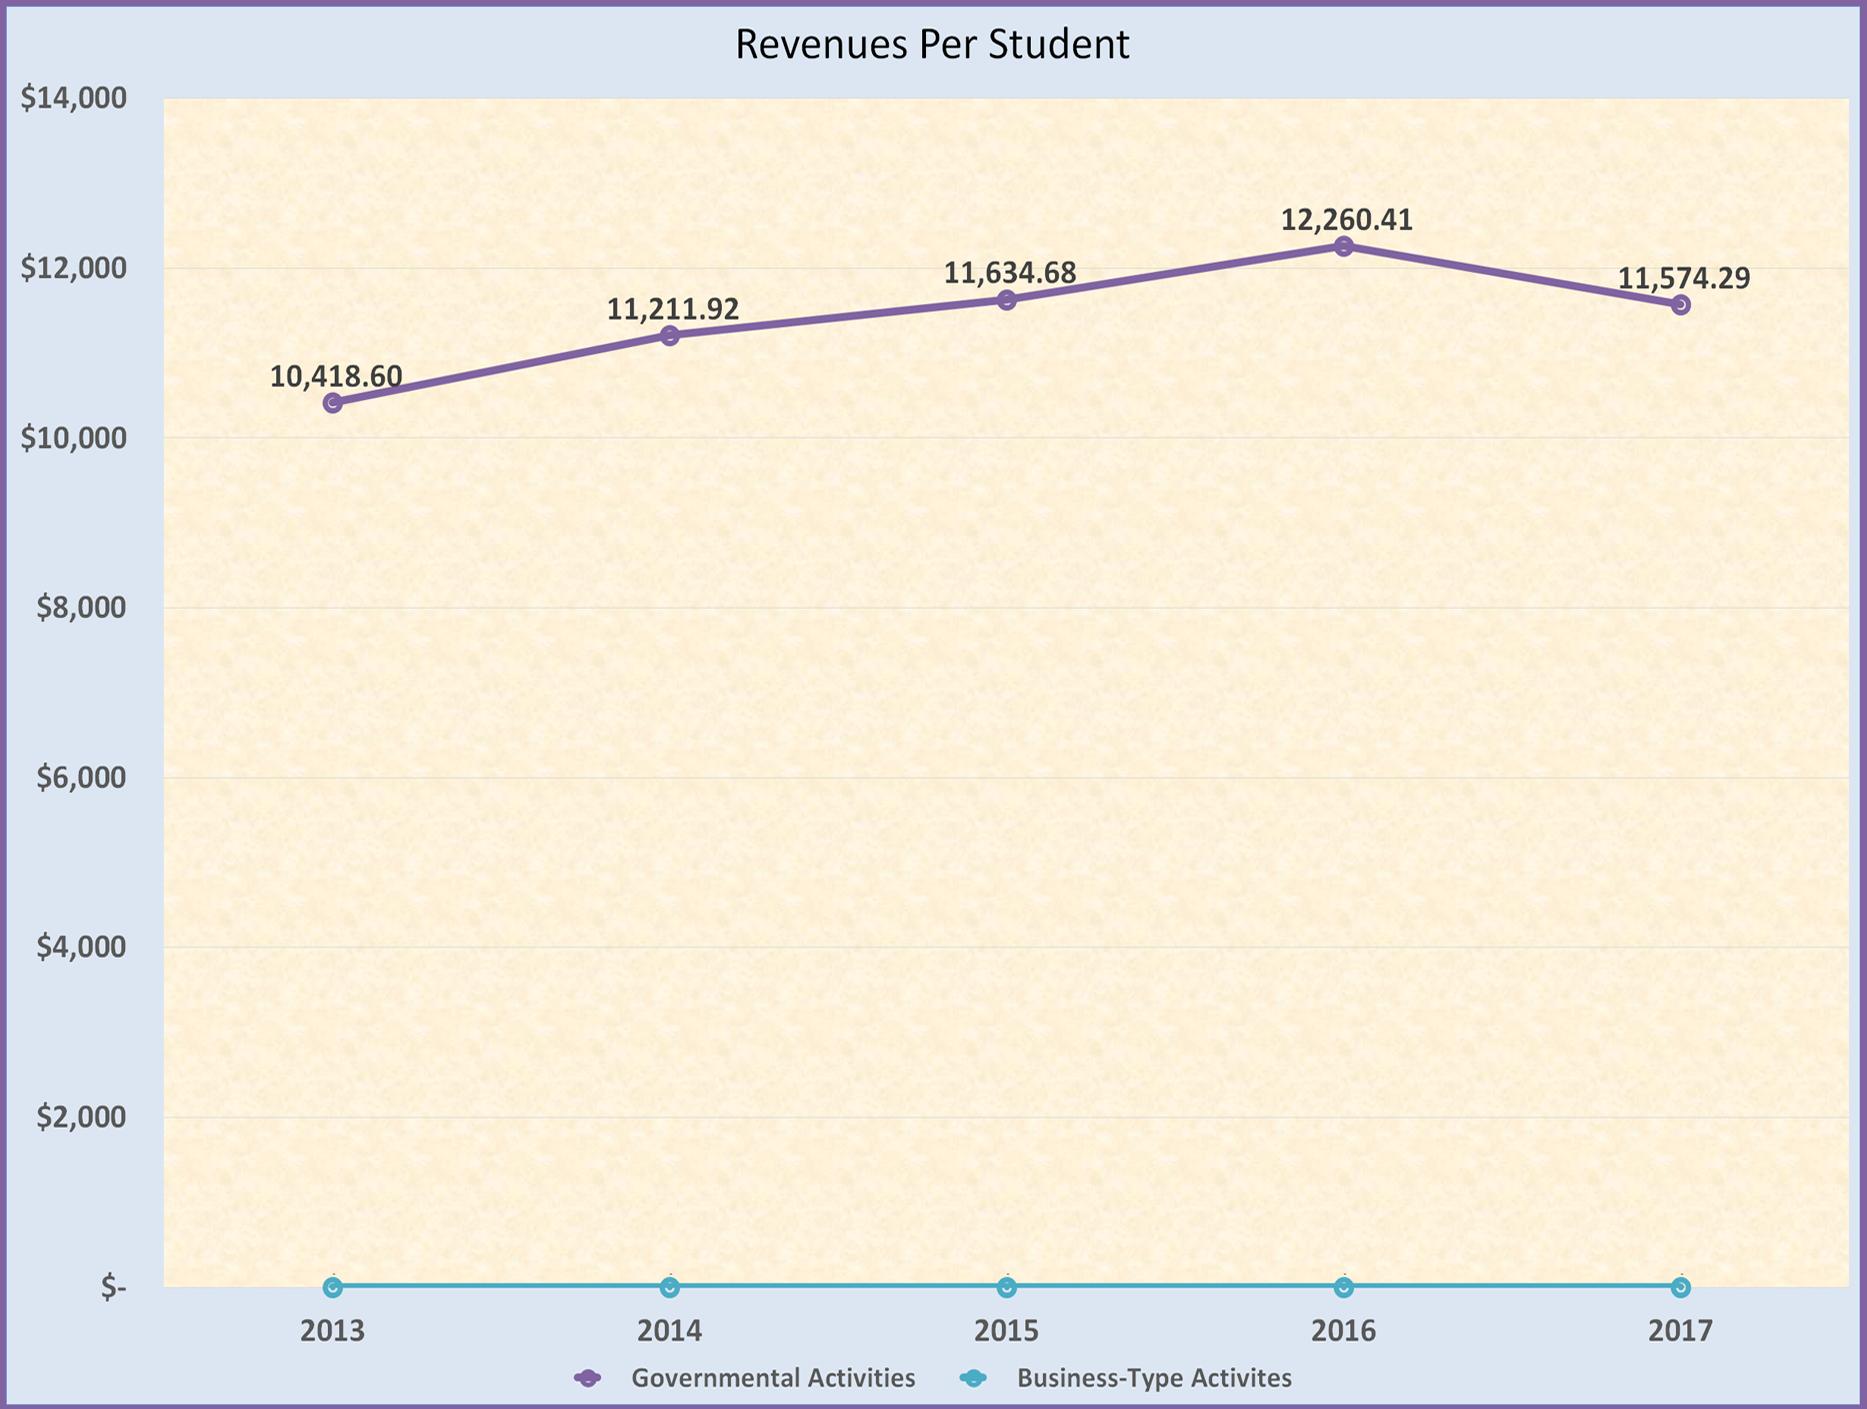 Revenues per student